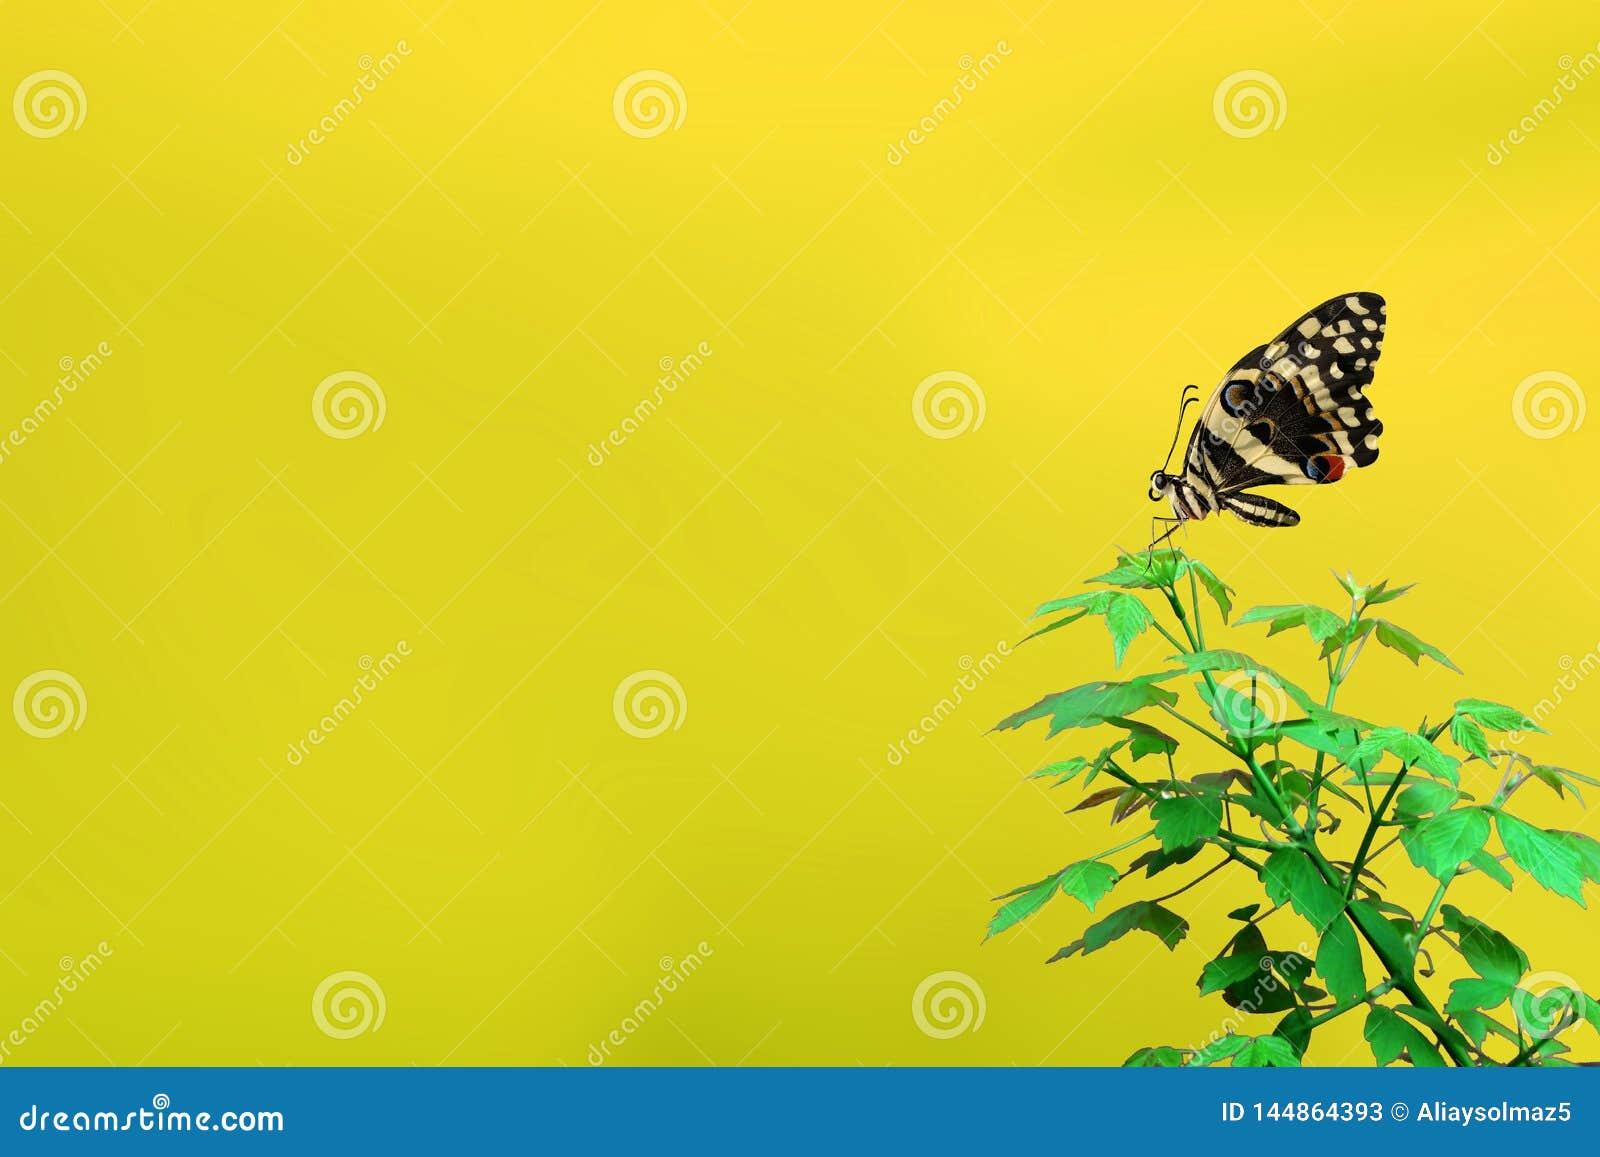 Concepto del tiempo de primavera, mariposa hermosa y área en blanco para el texto